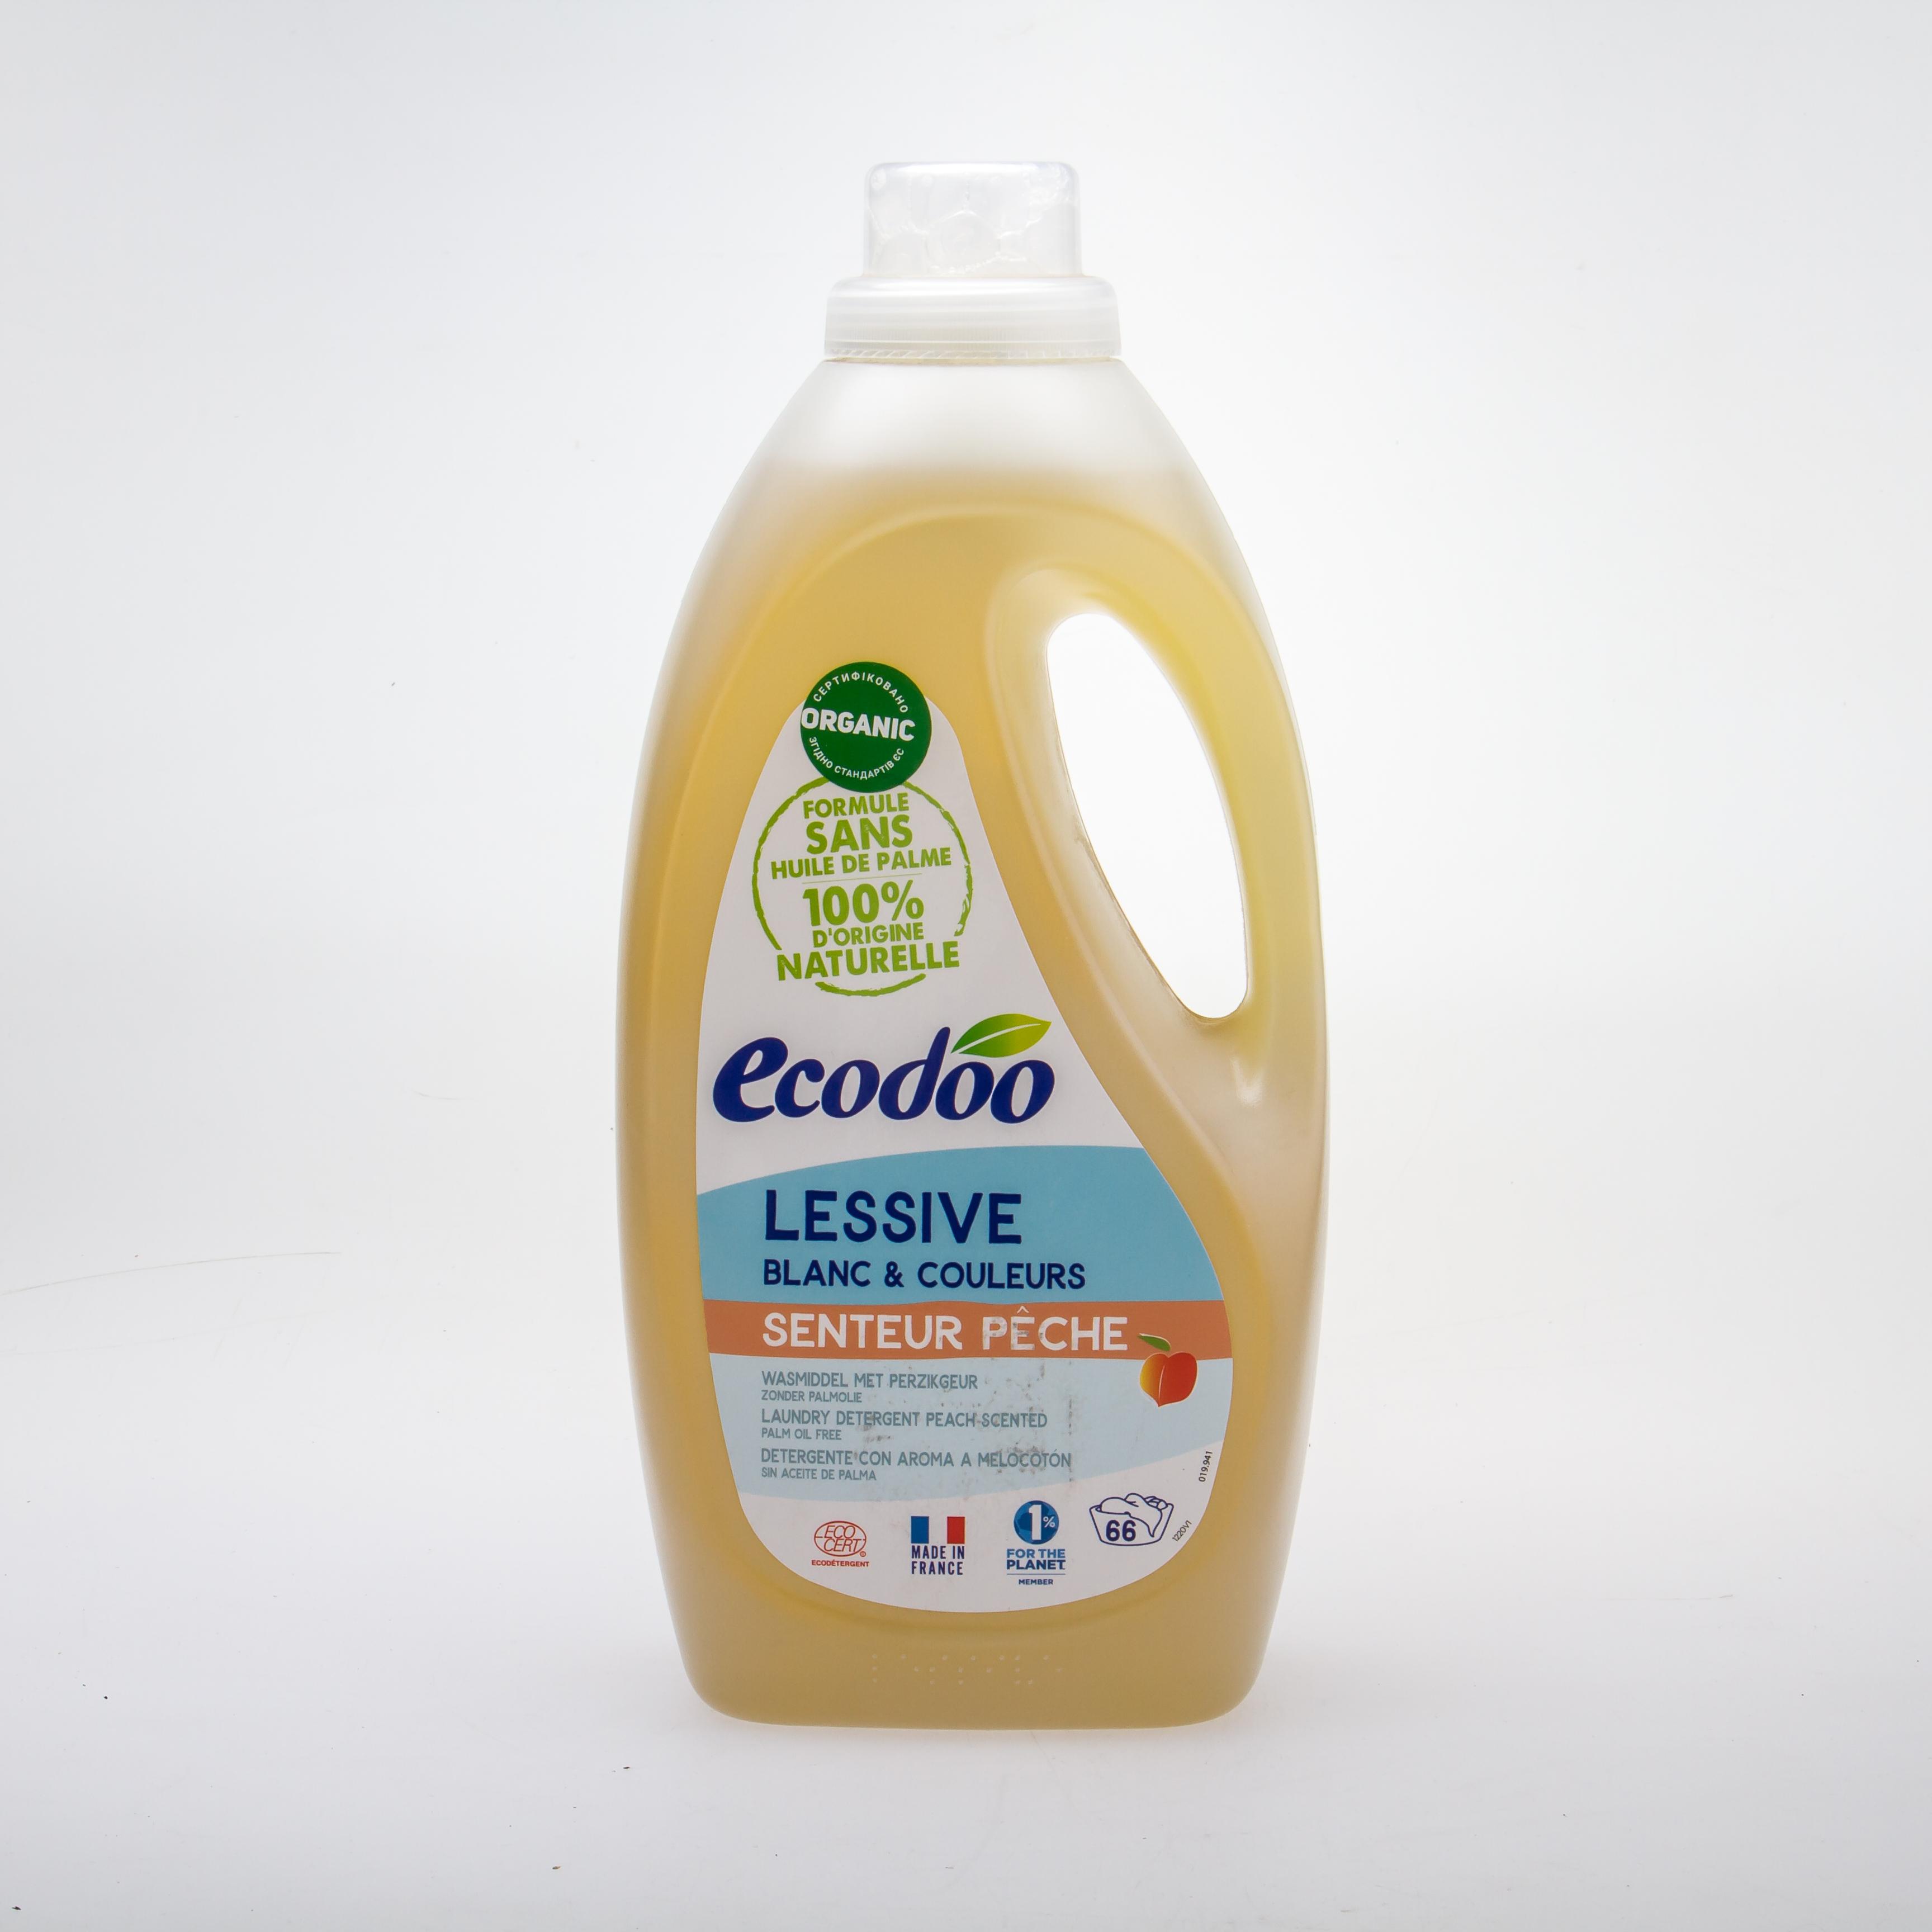 Ecodoo Органічний рідкий пральний засіб «Персик» 2L - купить в интернет-магазине Юнимед